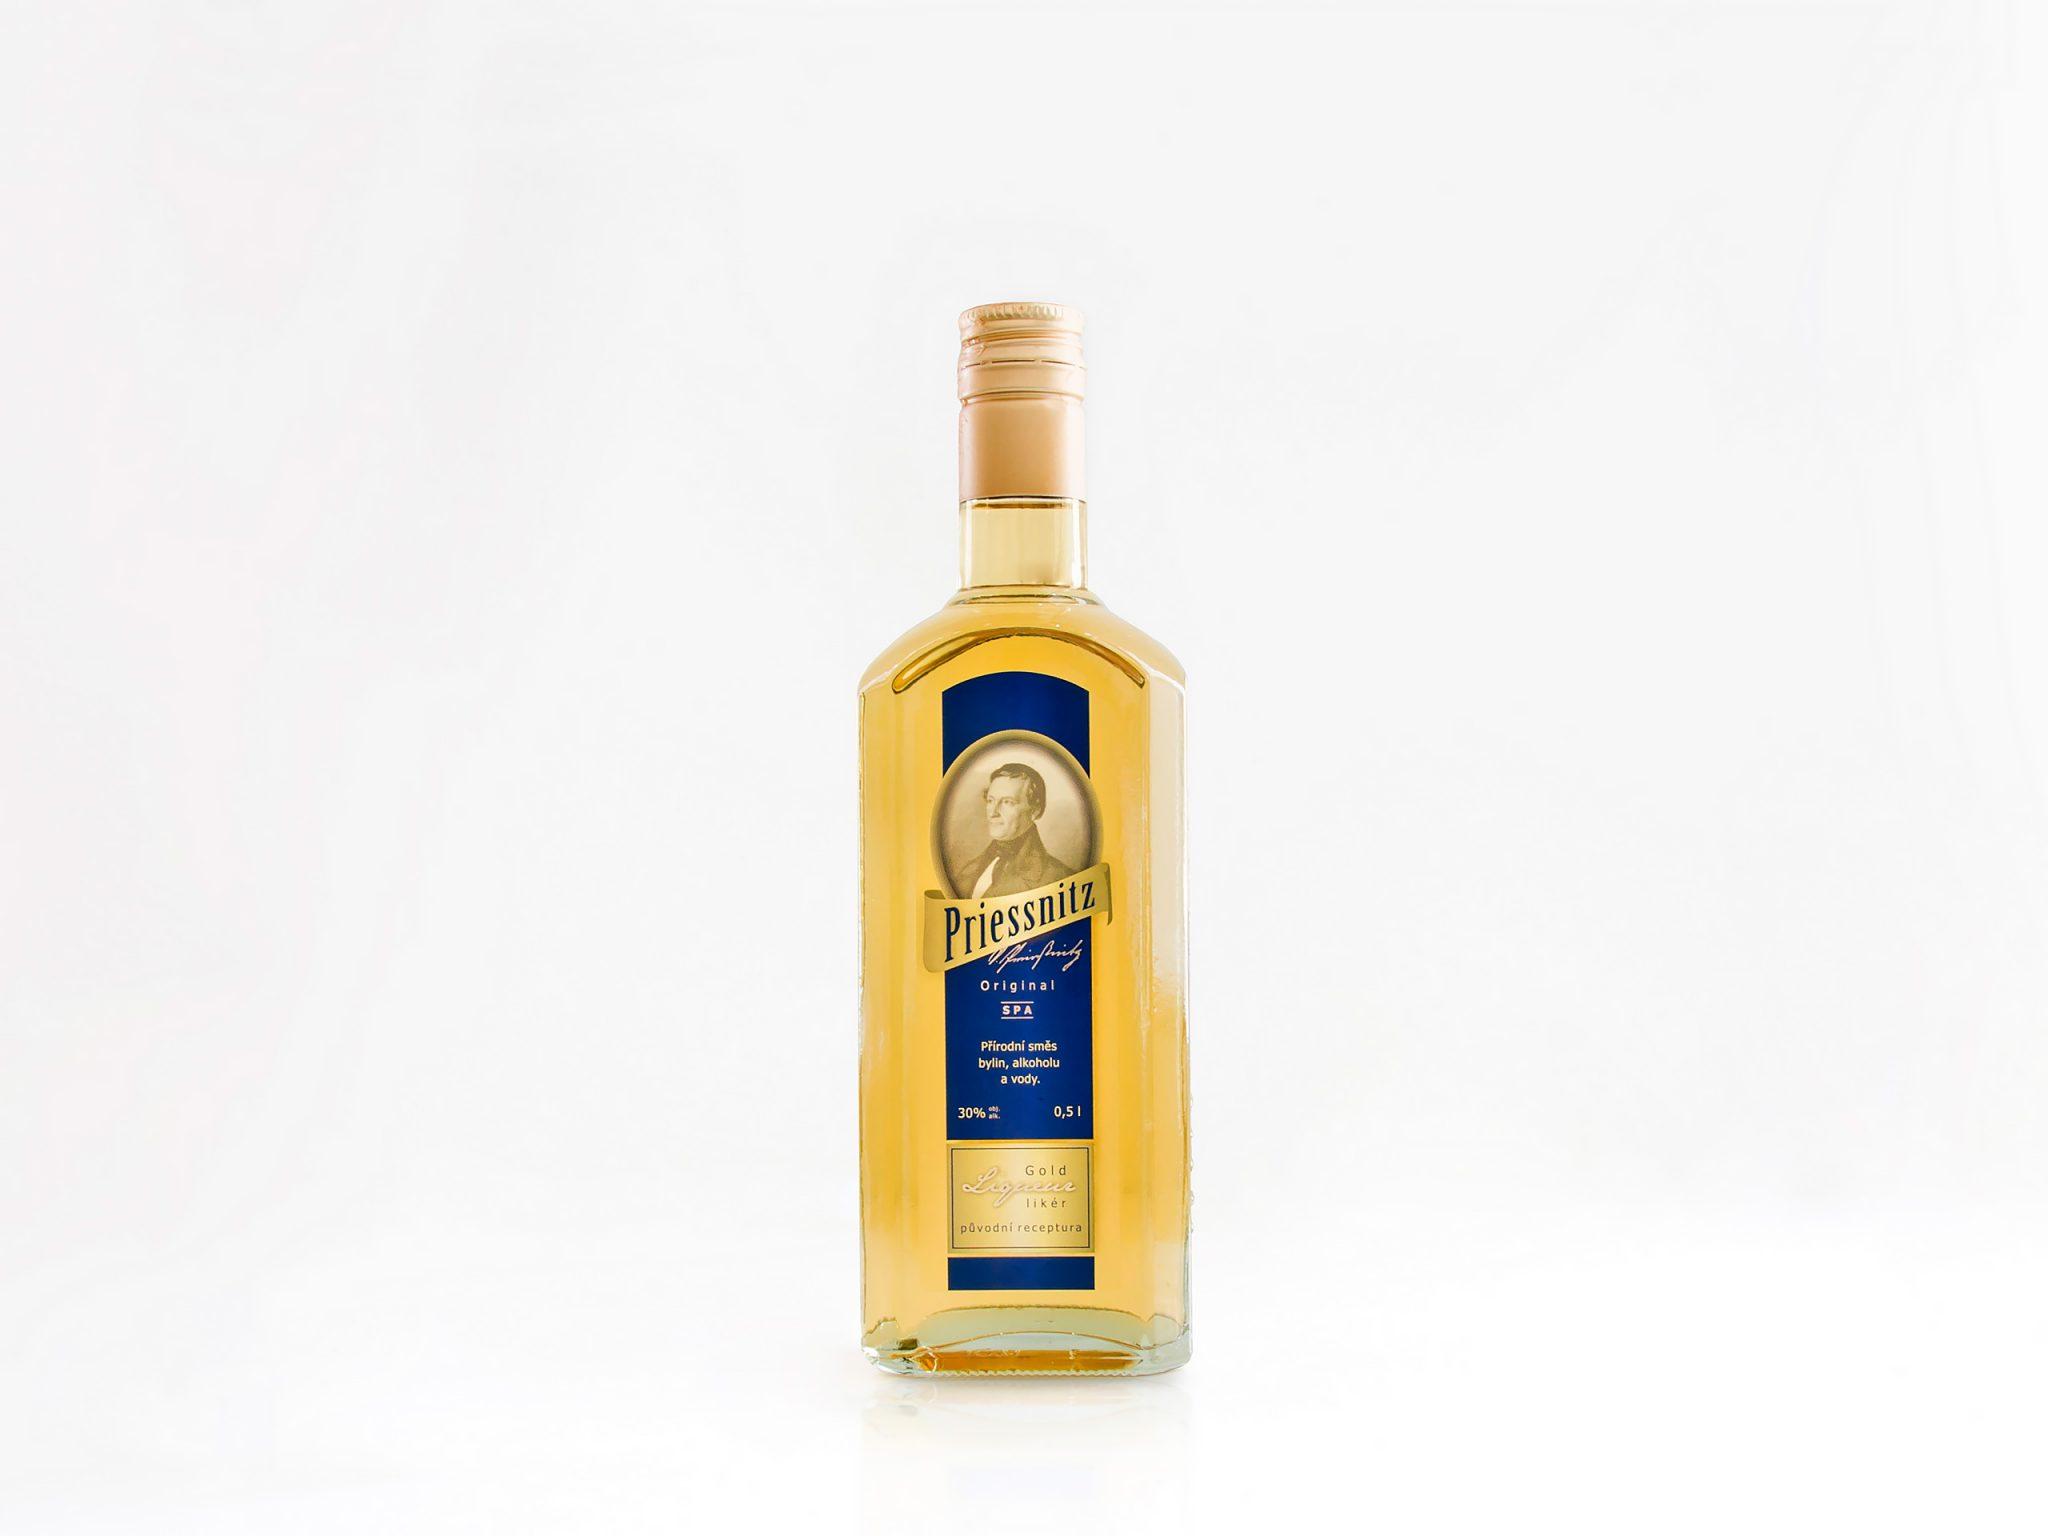 Bylinný likér Priessnitz 0,5 L – exkluzivní lázeňský likér